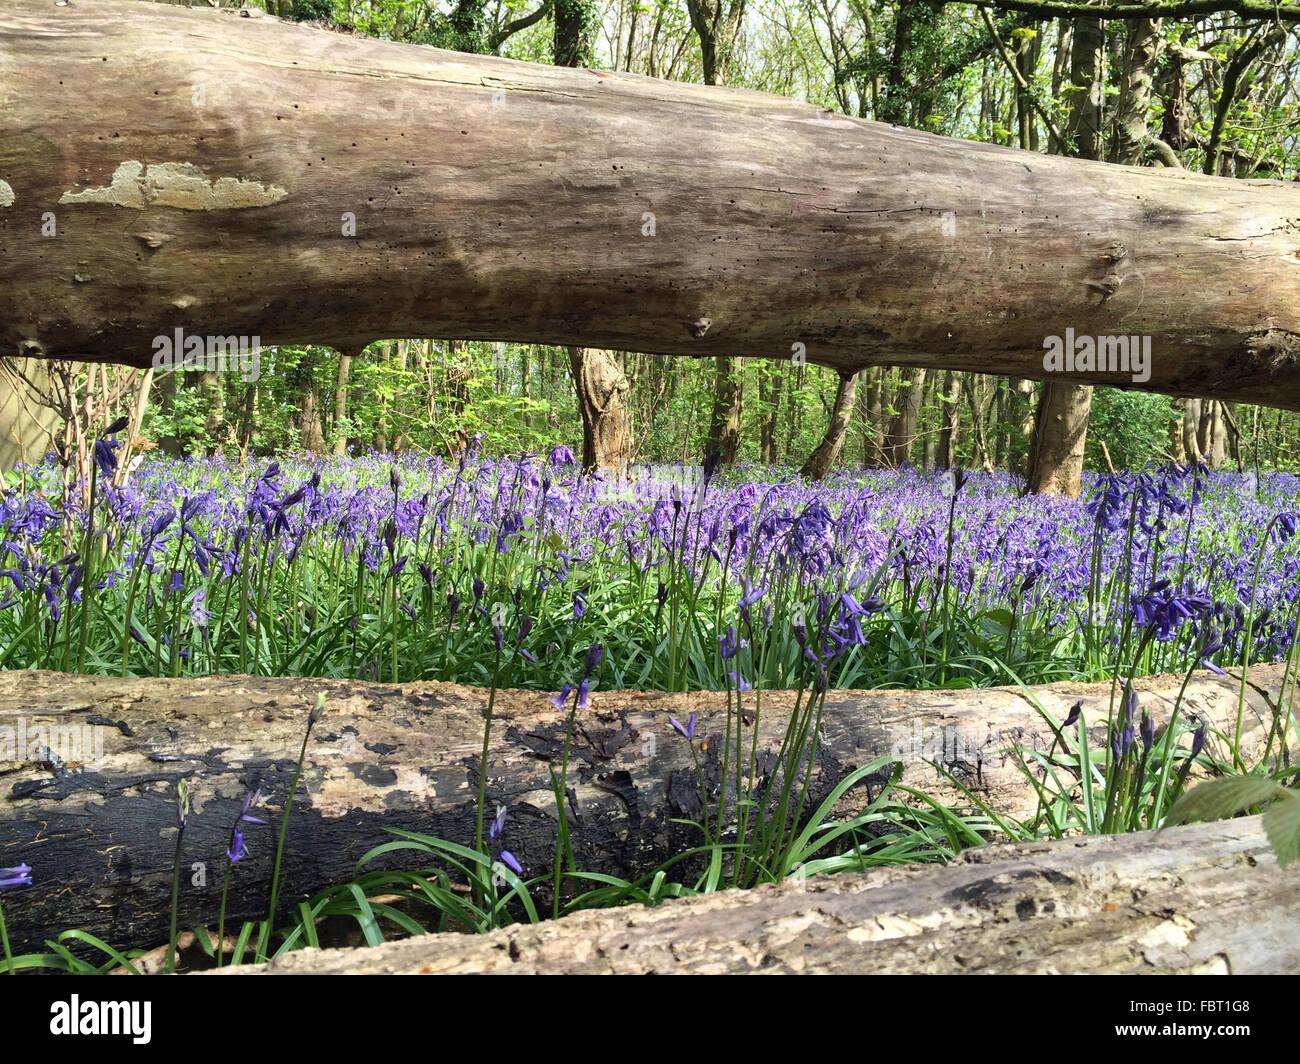 Englischen Bluebells im April im neuen Park Wood in Staffordshire, UK Stockbild